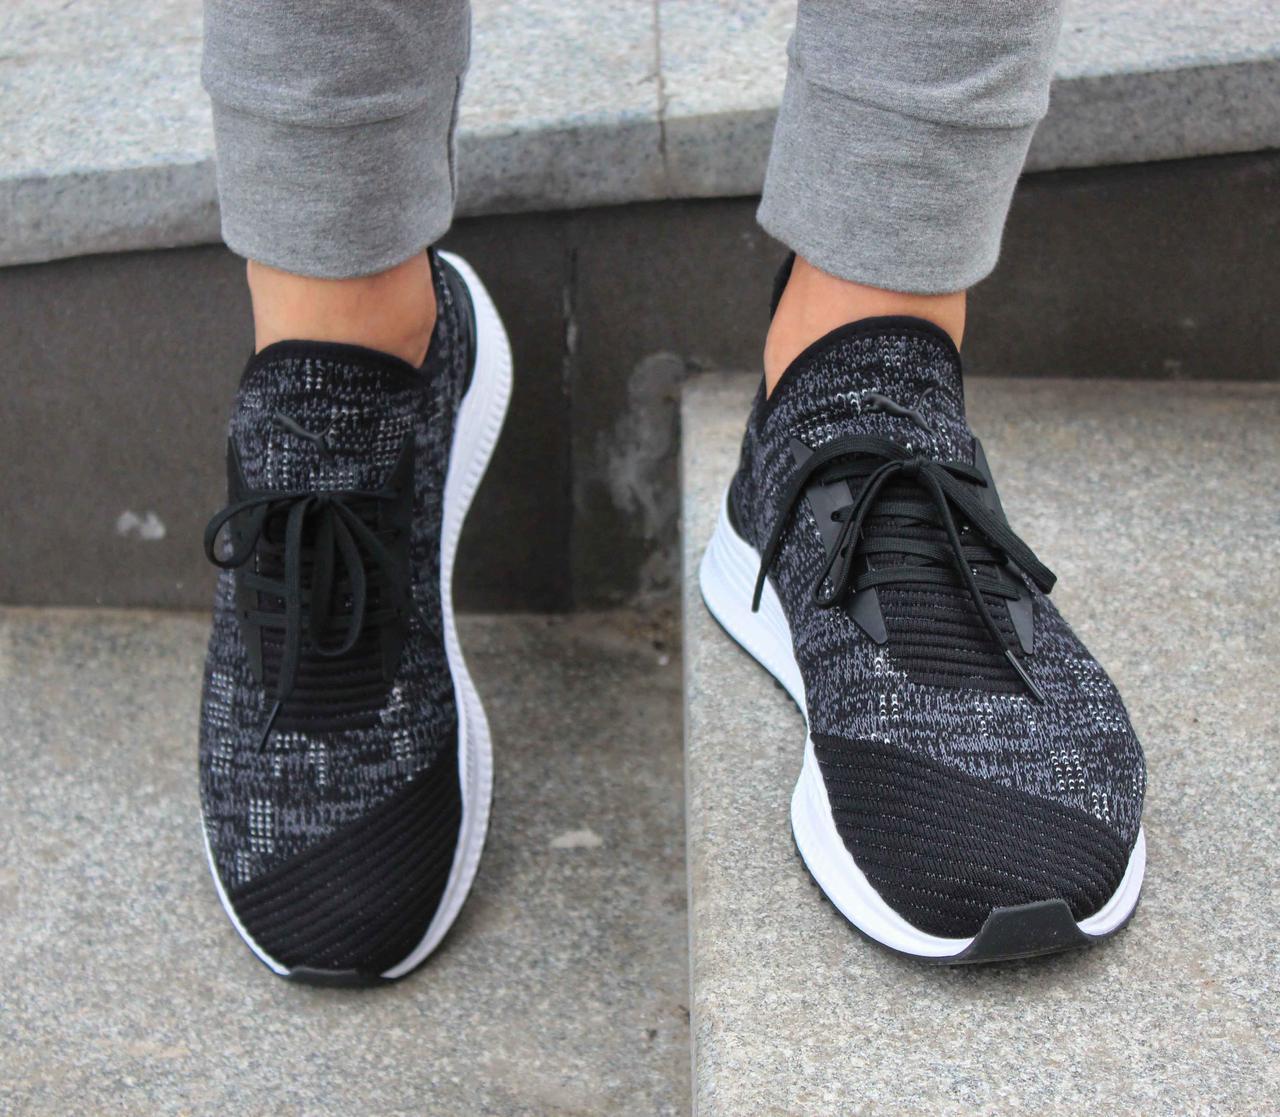 Оригинальные летние чёрные кроссовки Puma AVID evoKNIT Mosaic 366601 02